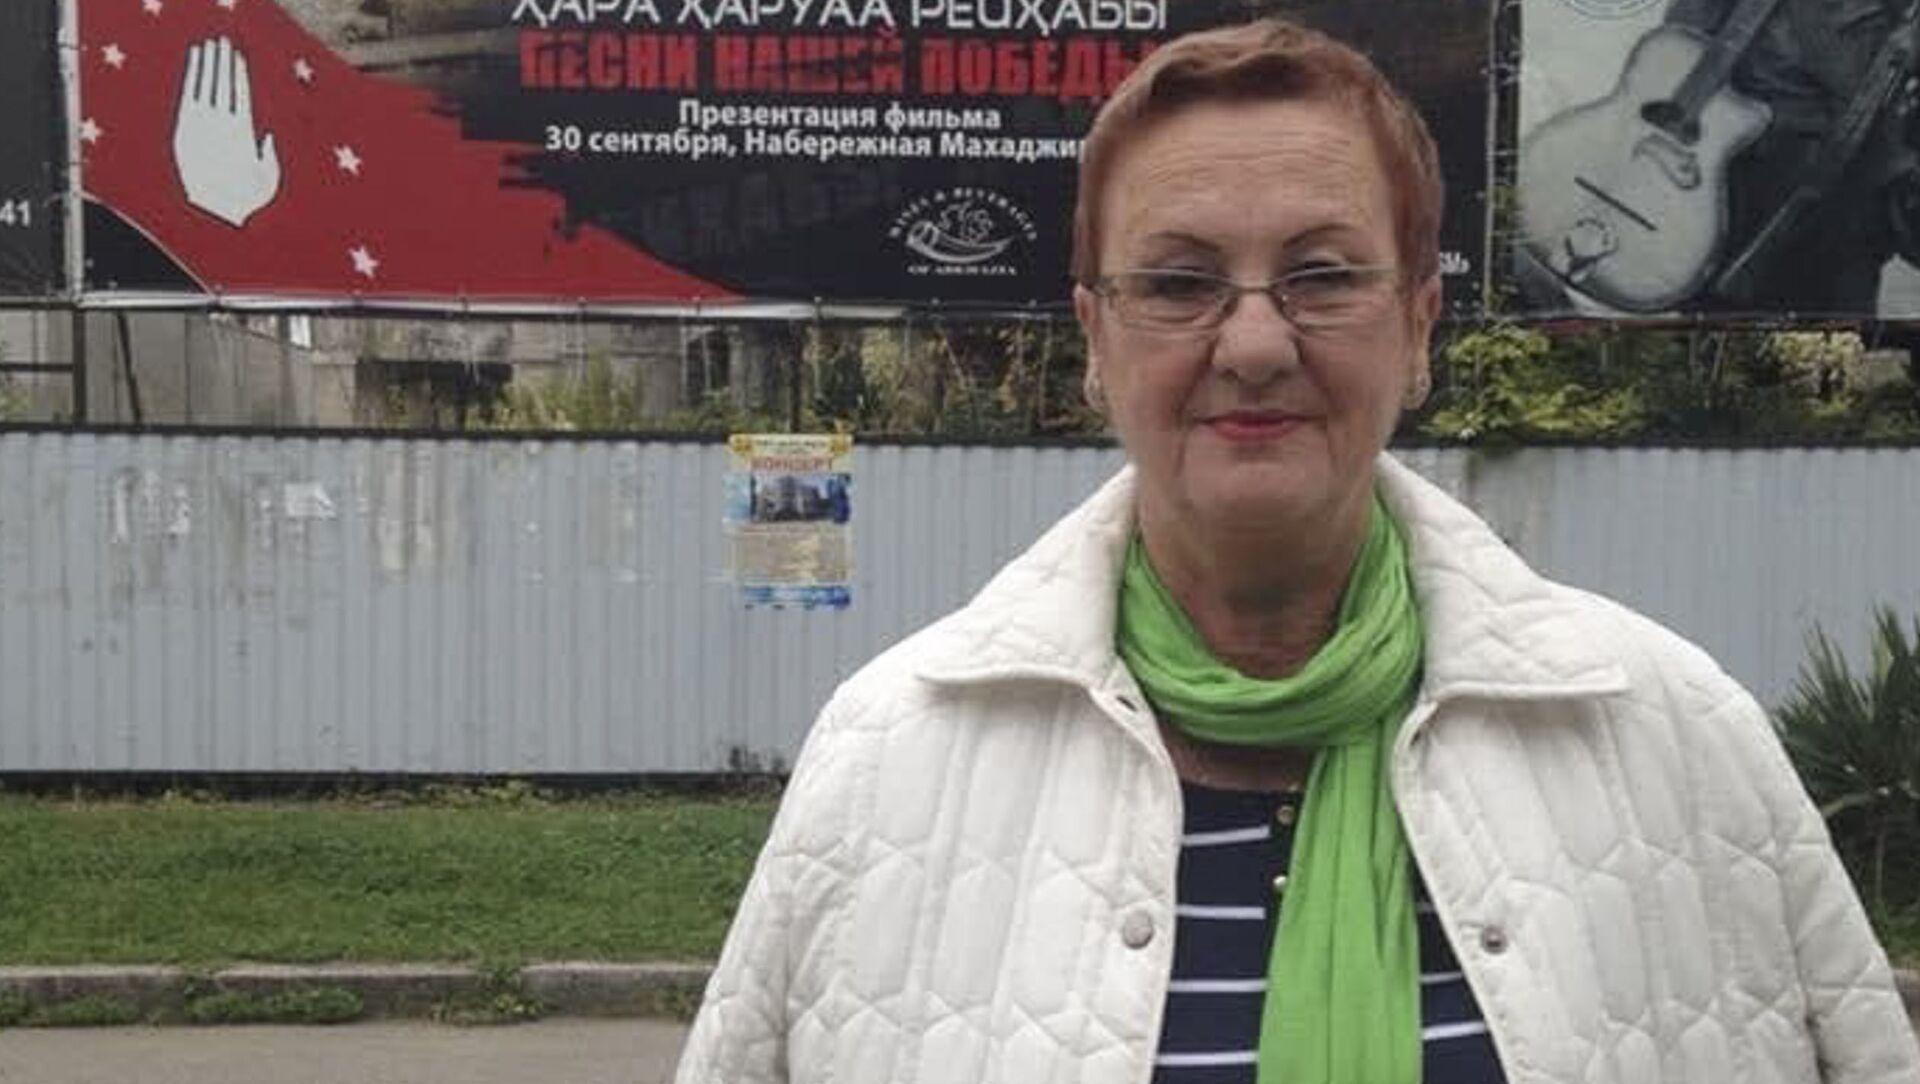 Светлана Беклемищева  - Sputnik Абхазия, 1920, 27.09.2021